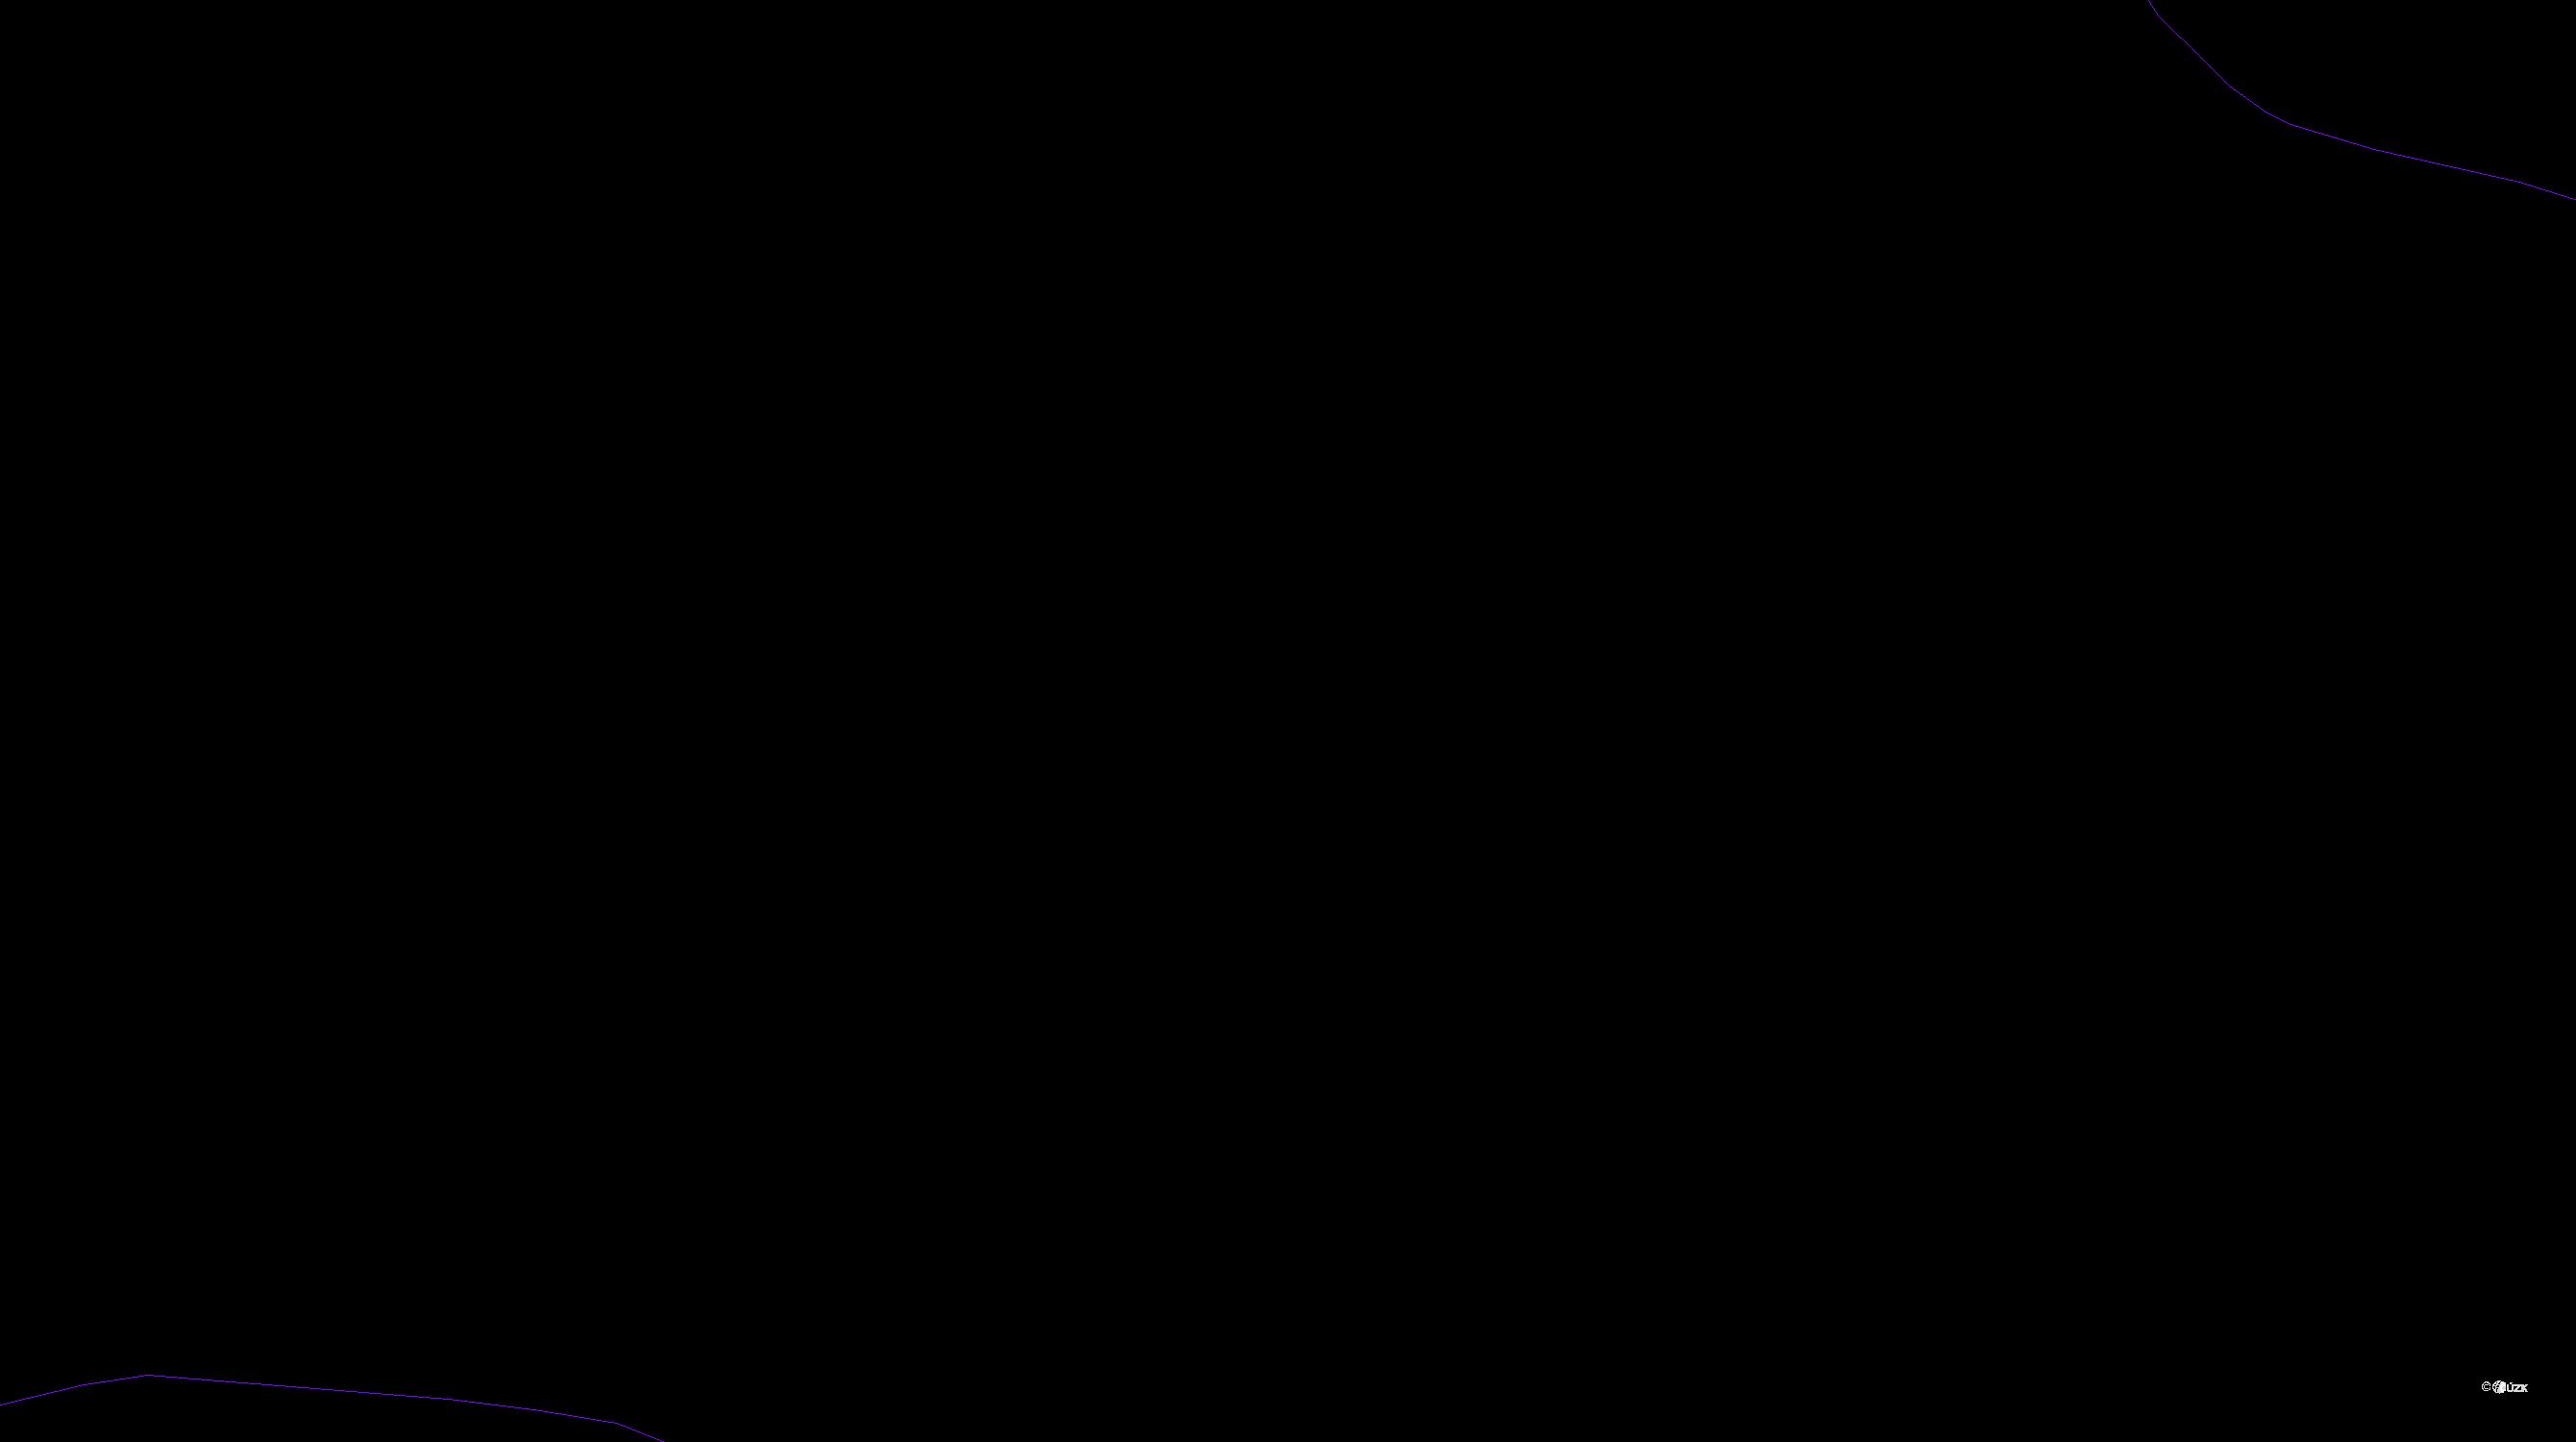 Katastrální mapa pozemků a čísla parcel Horní Ostrovec